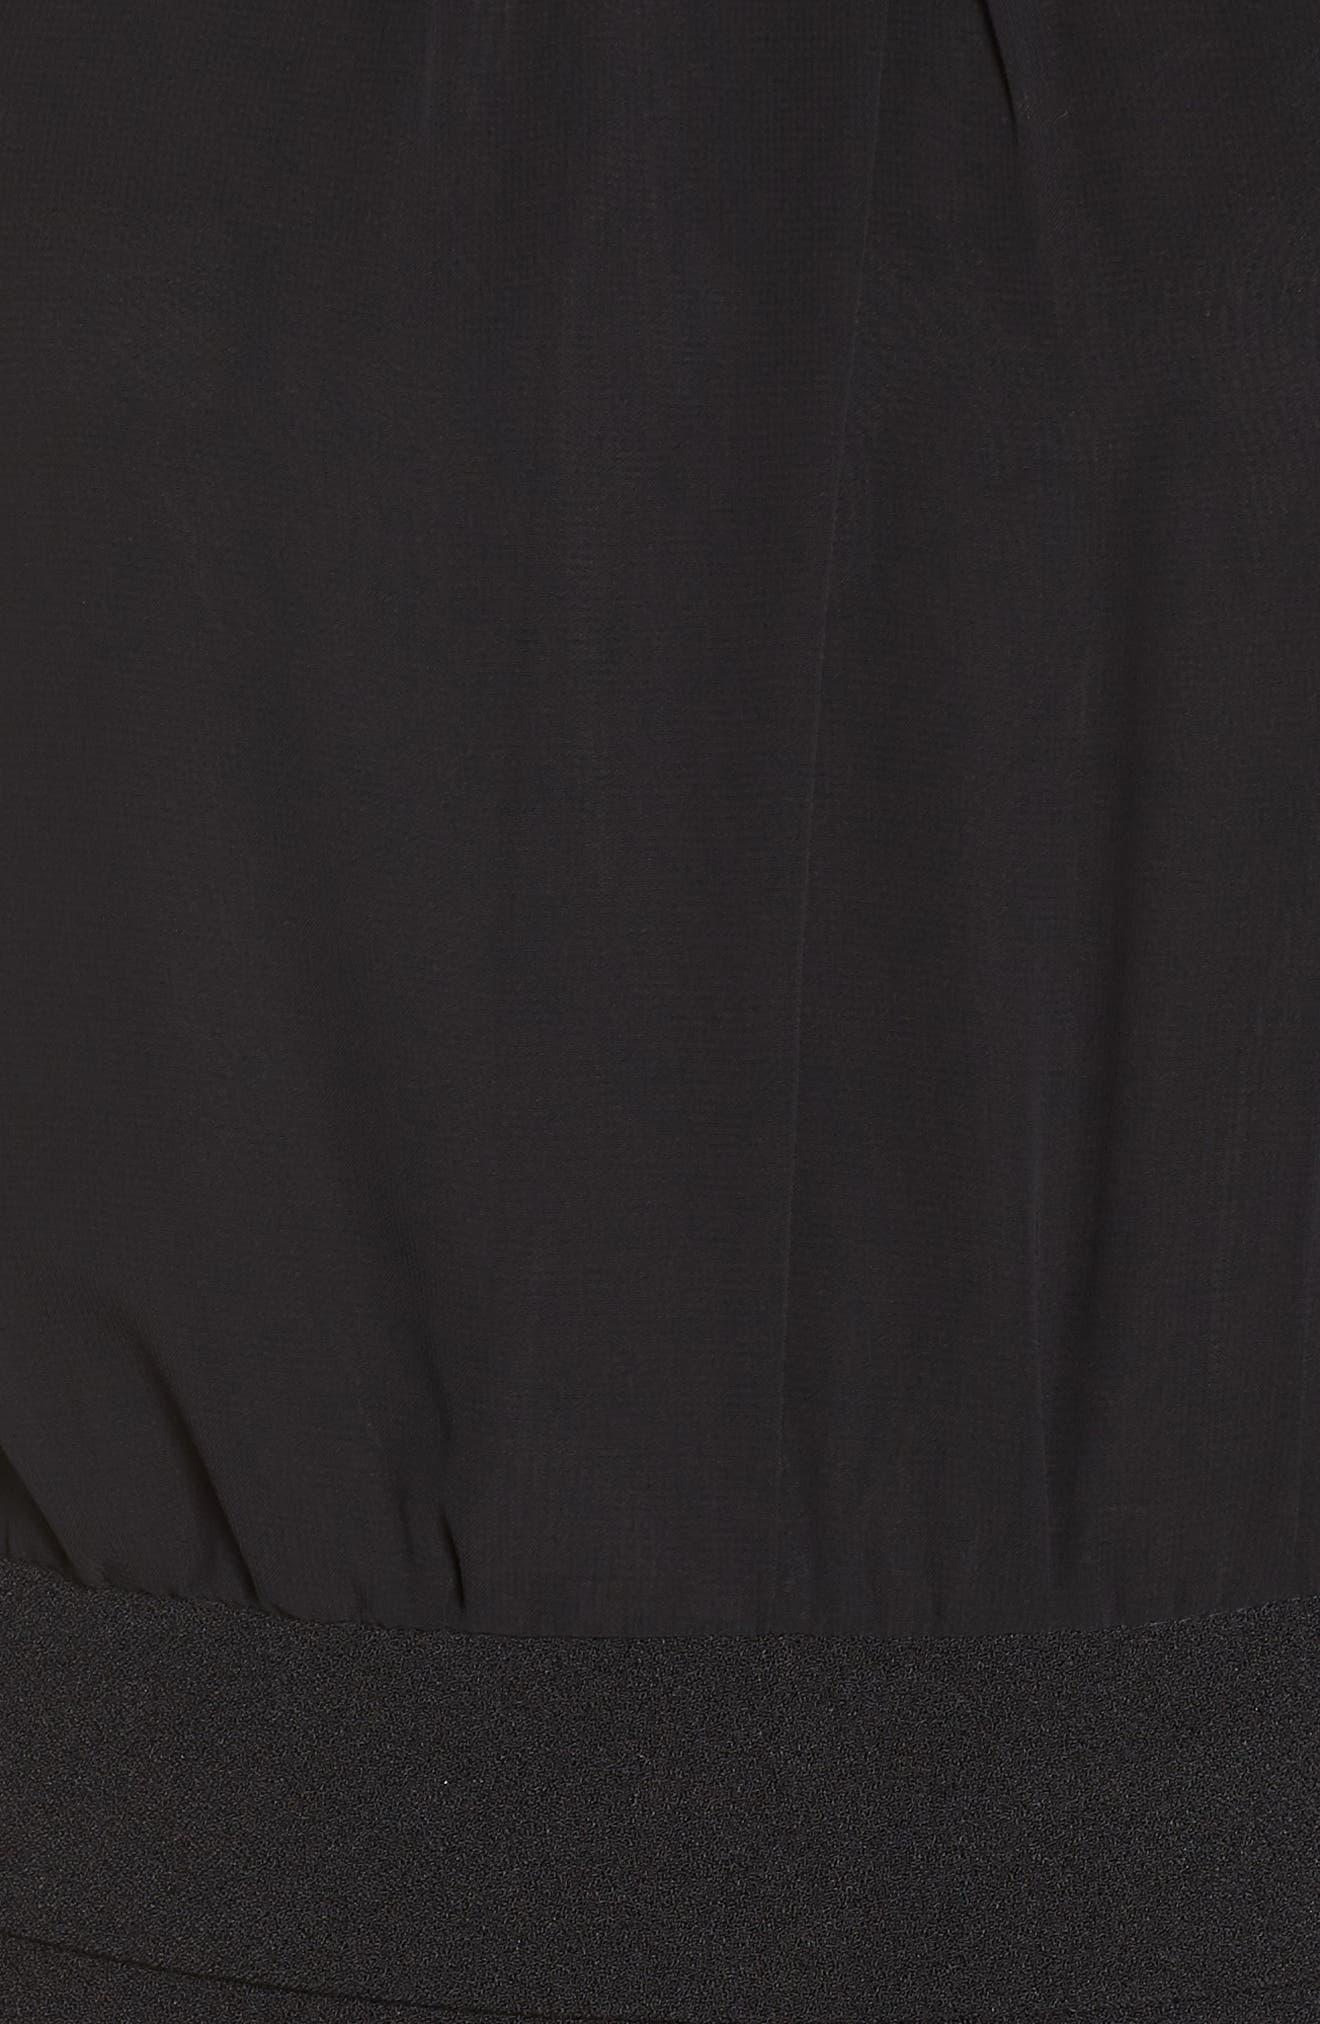 Crepe Jumpsuit,                             Alternate thumbnail 6, color,                             BLACK